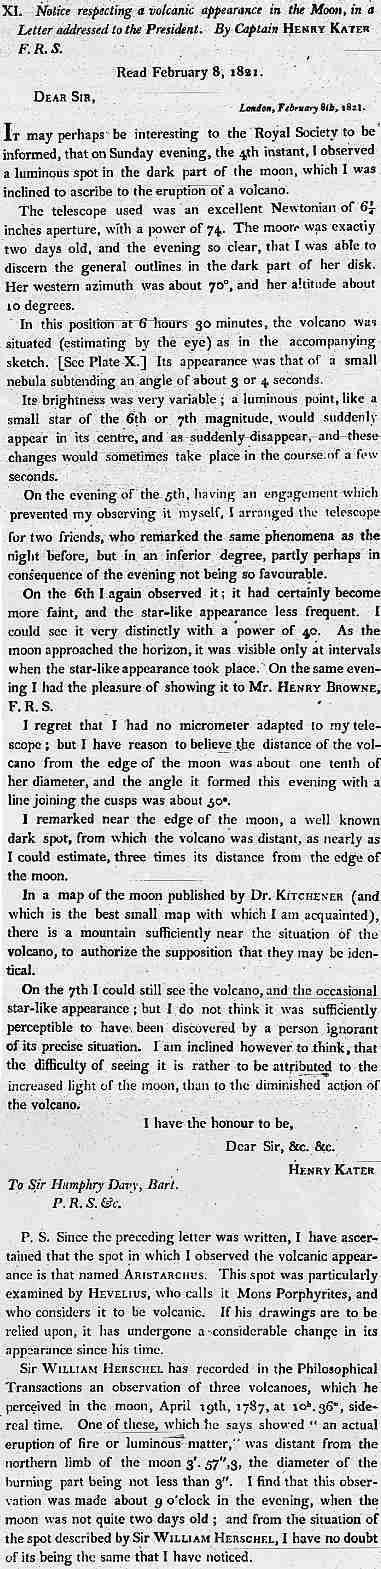 Les mystères de la lune: anomalies et observations troublantes Lunar_works1_jpg